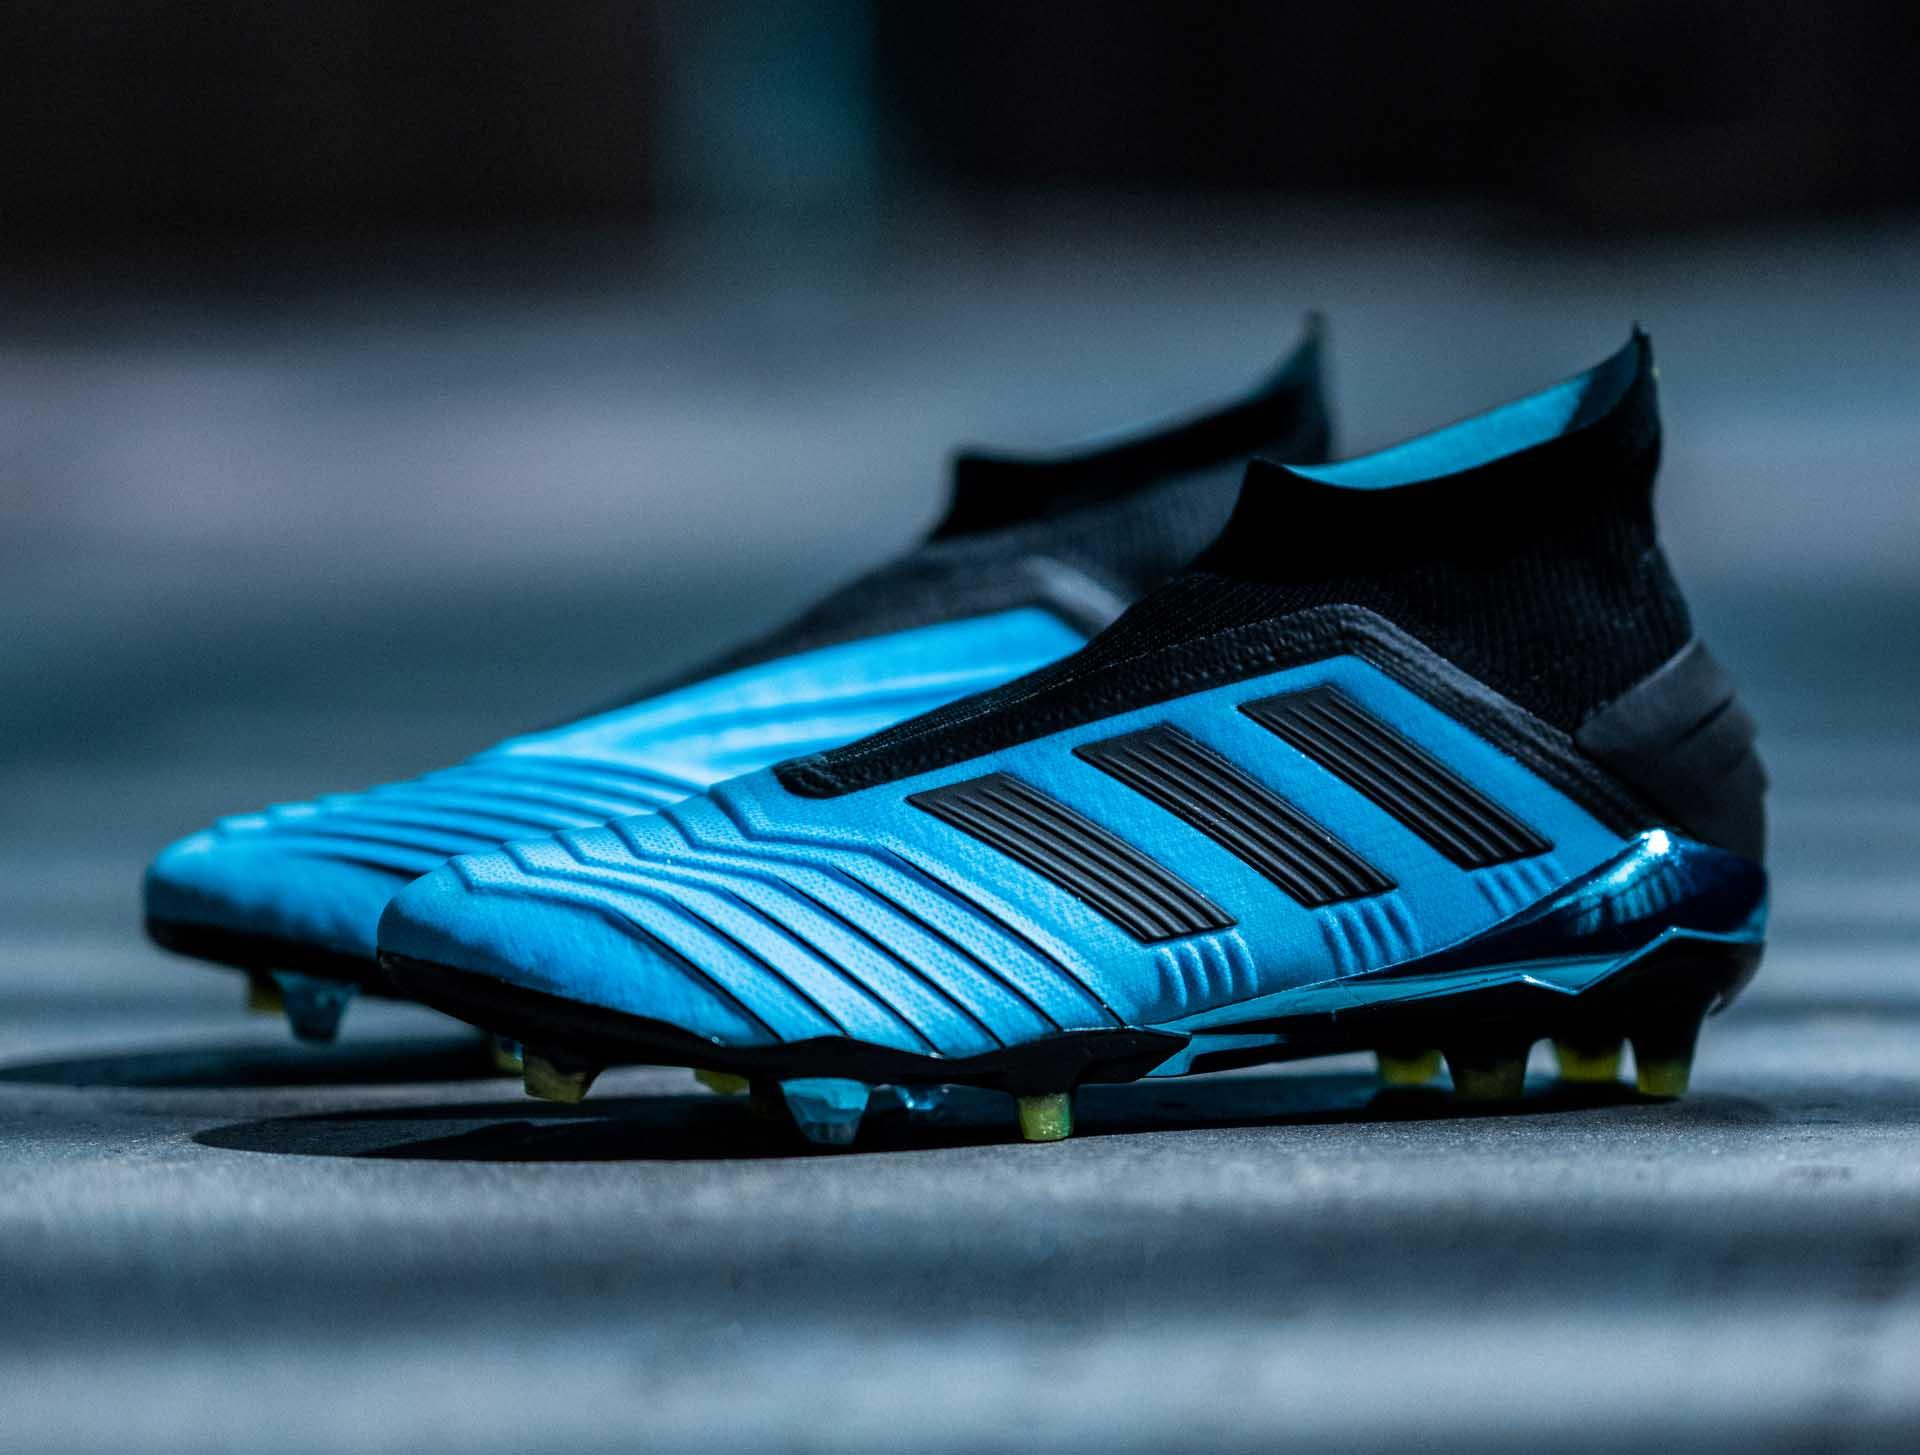 Giày đá banh chính hãng. Giày cỏ tự nhiên. Giày dành cho tiền vệ. Giày đá banh Adidas.